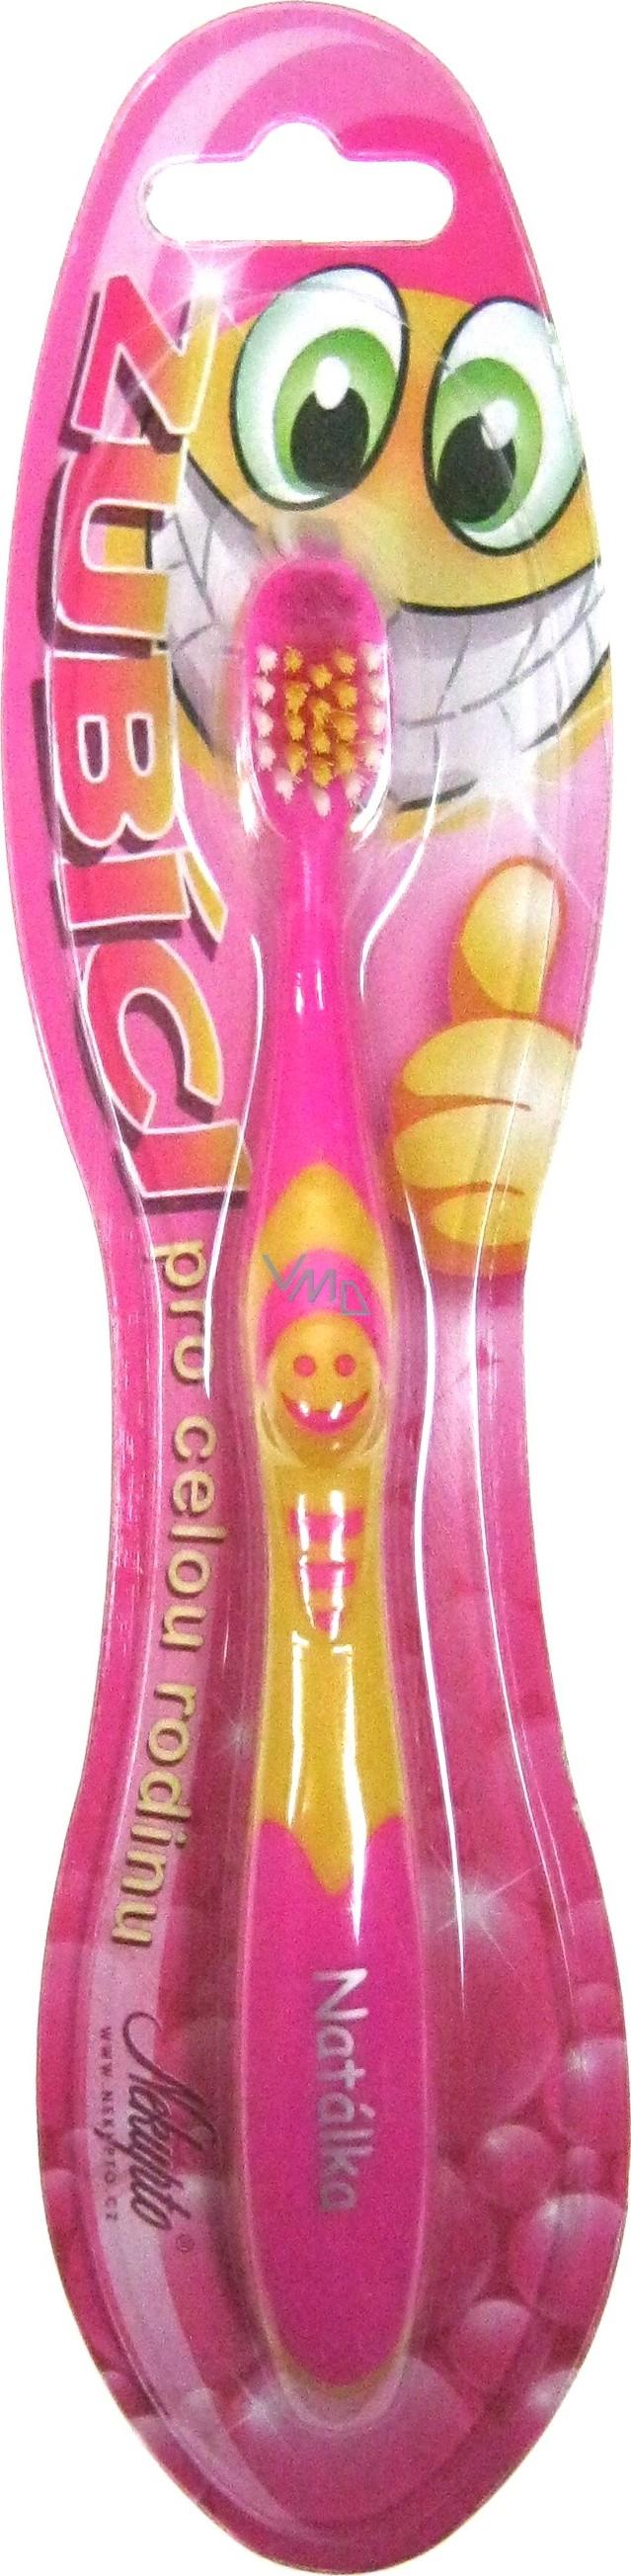 Nekupto Zubíci zubní kartáček pro děti se jménem Natálka měkký 1 kus